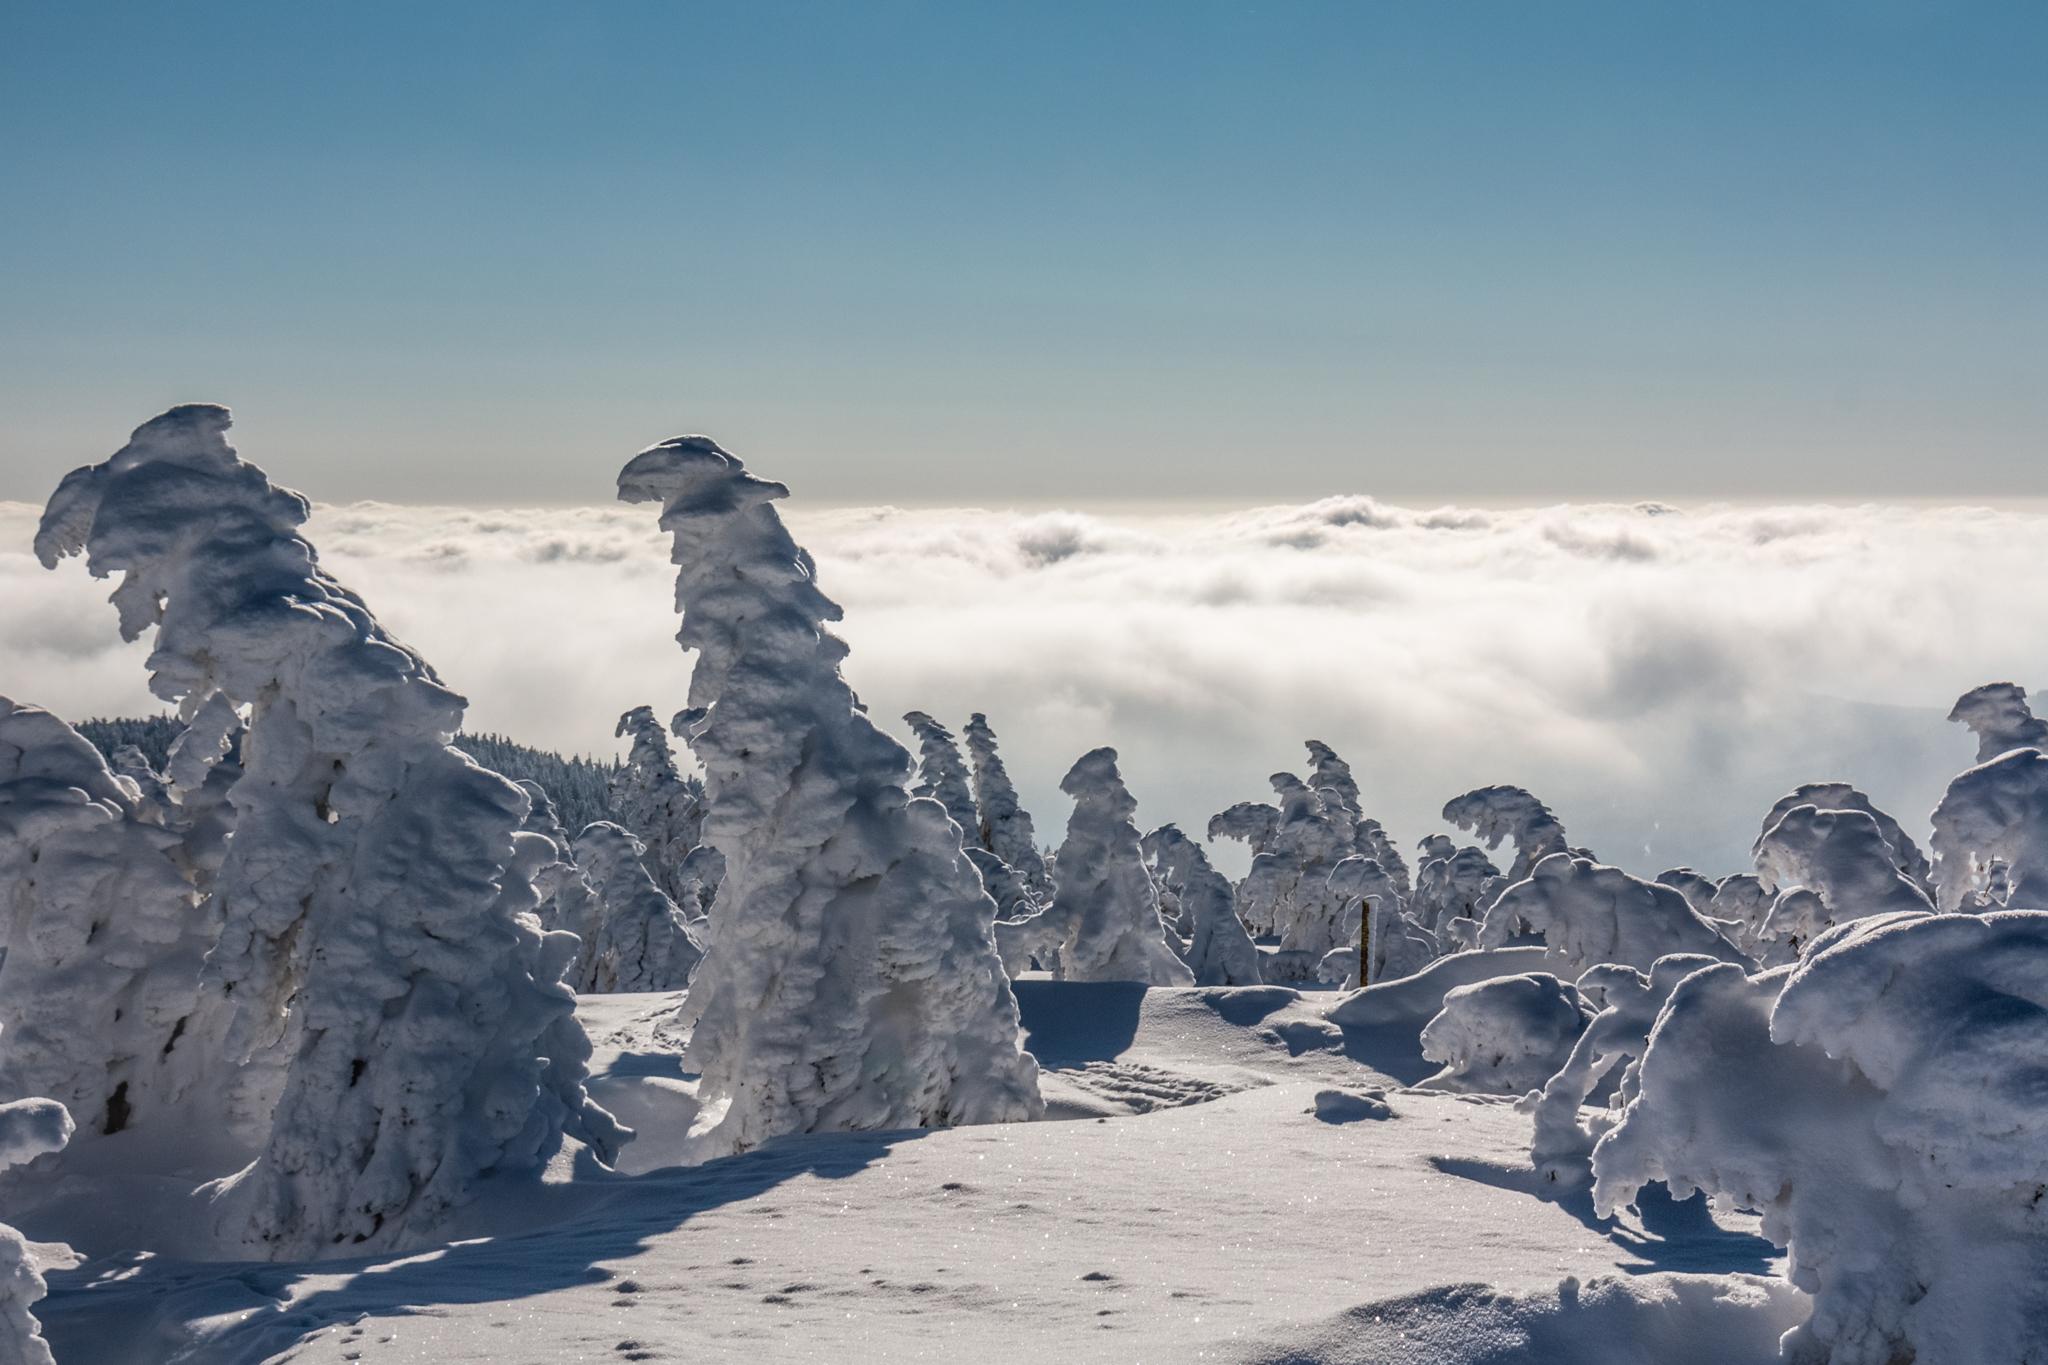 Frozen Troll Army on the Brocken summit, Germany